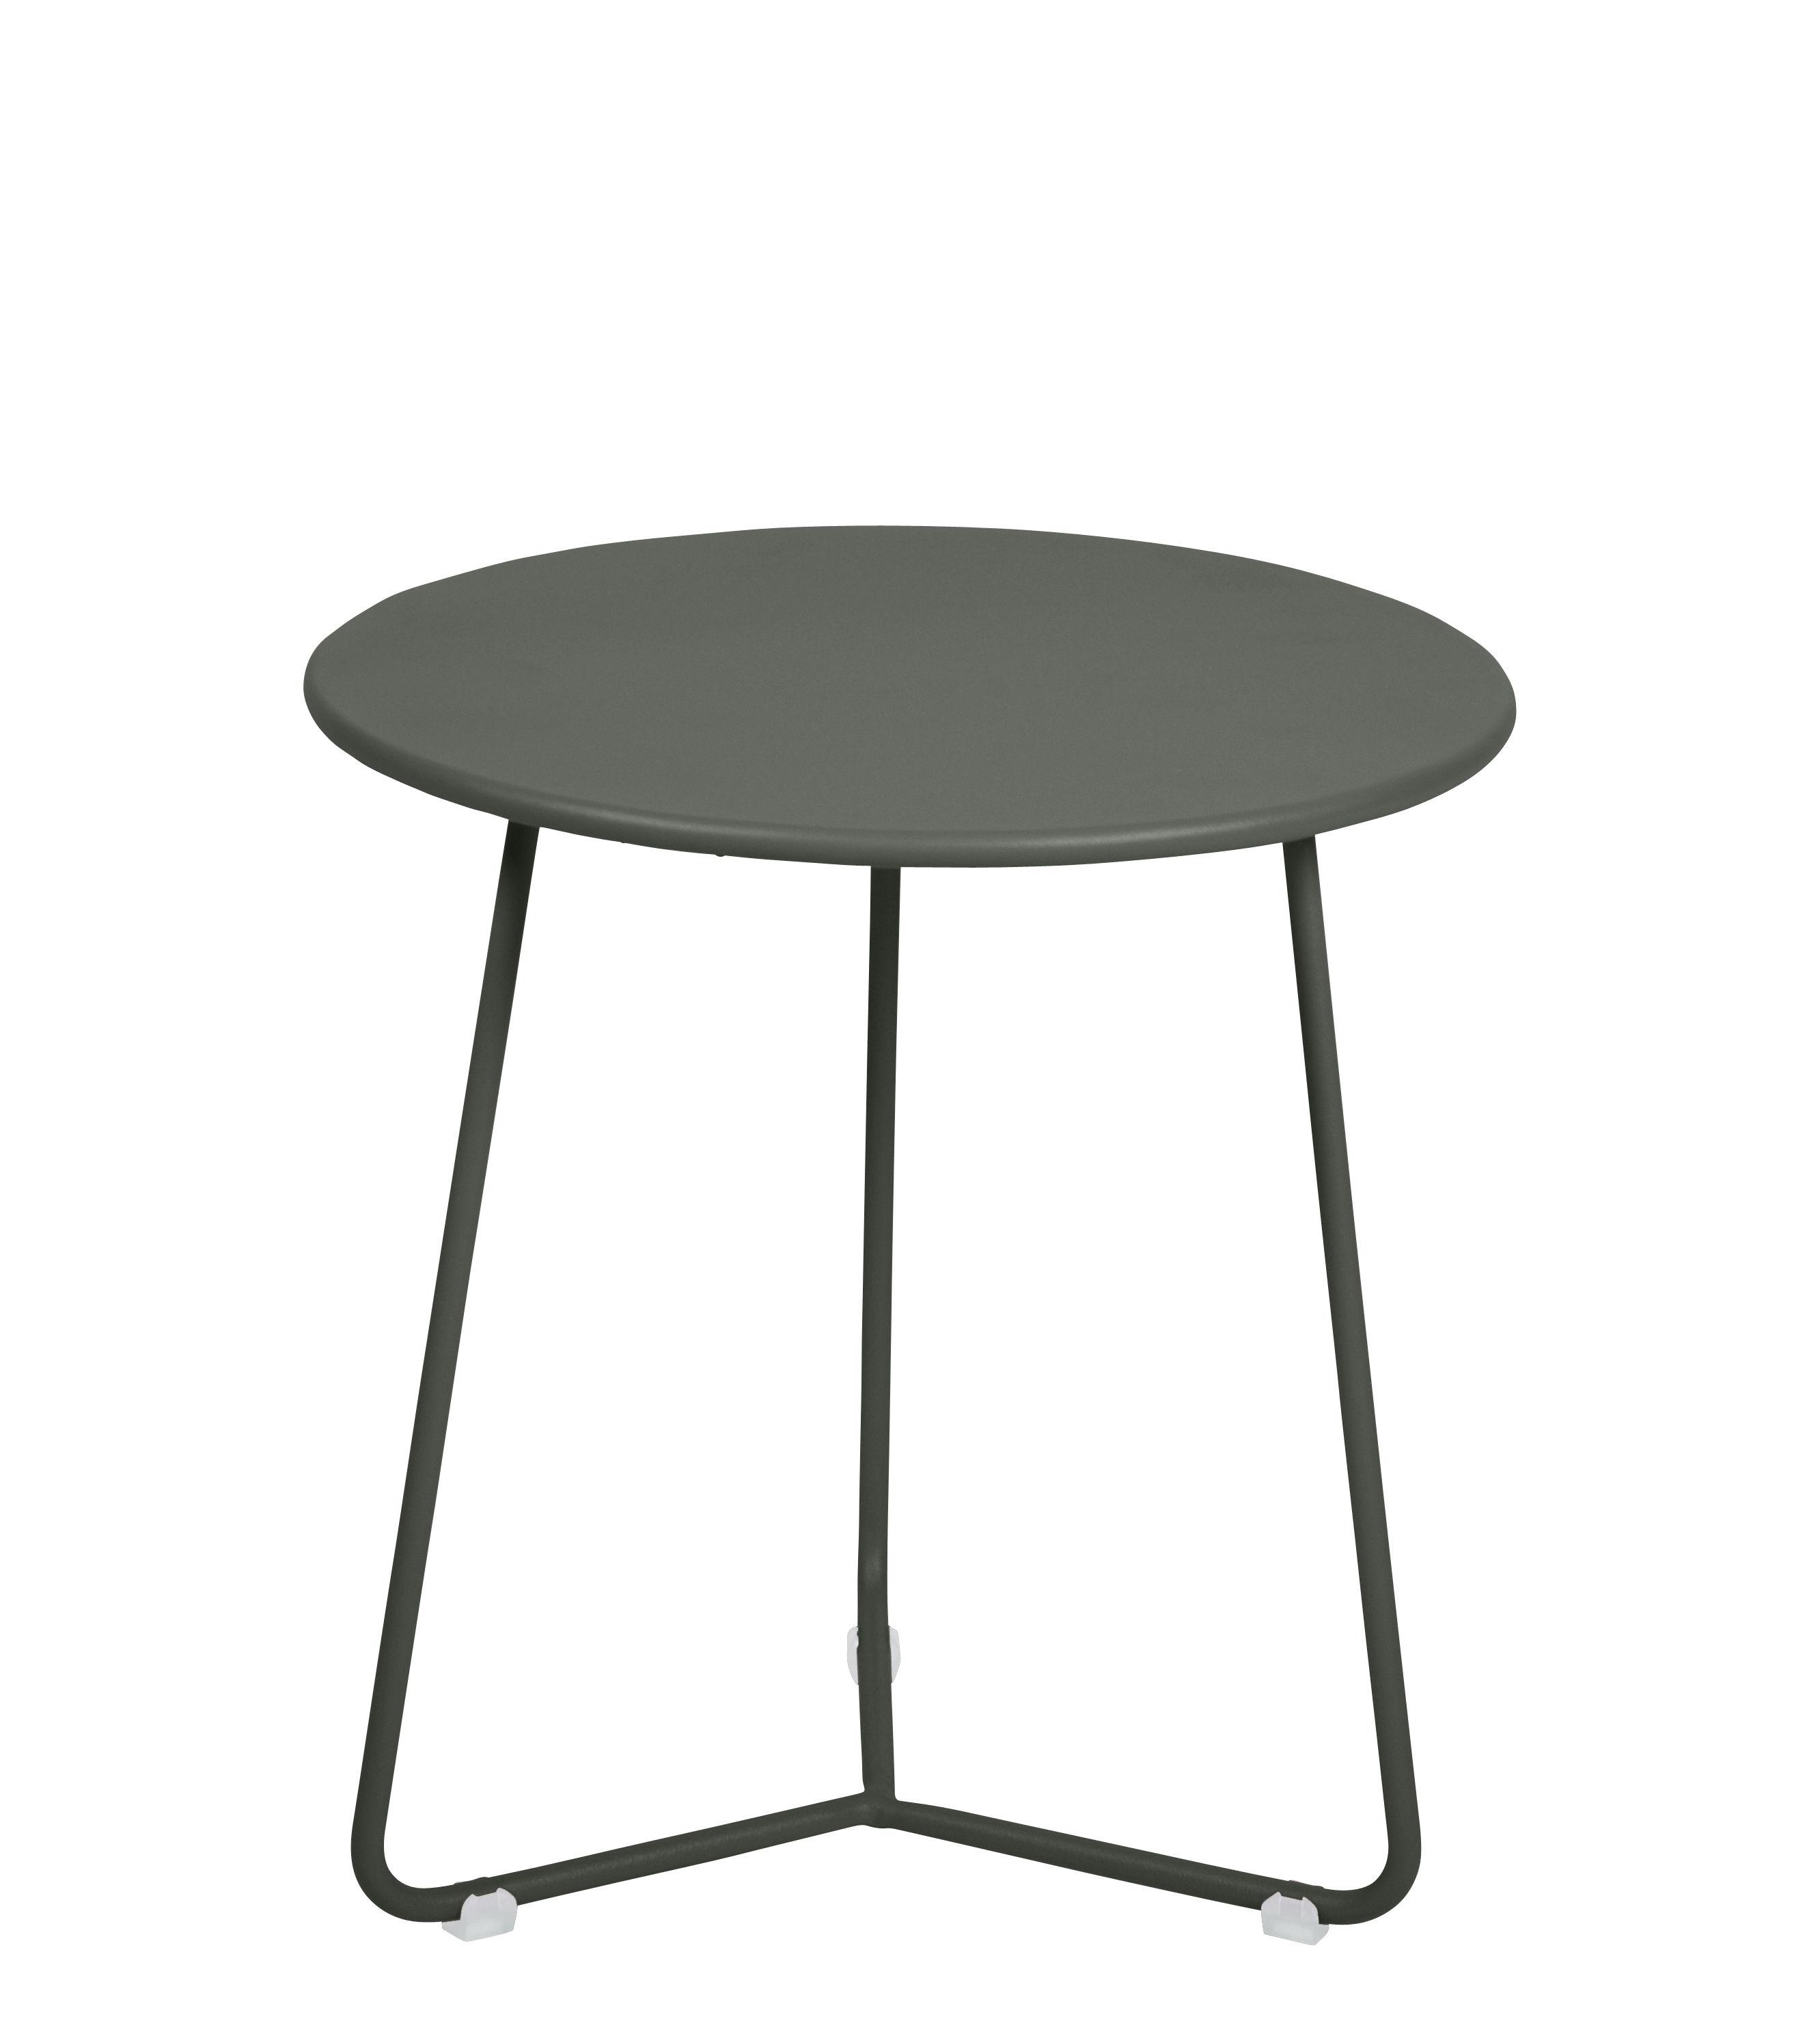 Mobilier - Tables basses - Table d'appoint Cocotte / Tabouret - Ø 34 x H 36 cm - Fermob - Romarin - Acier peint